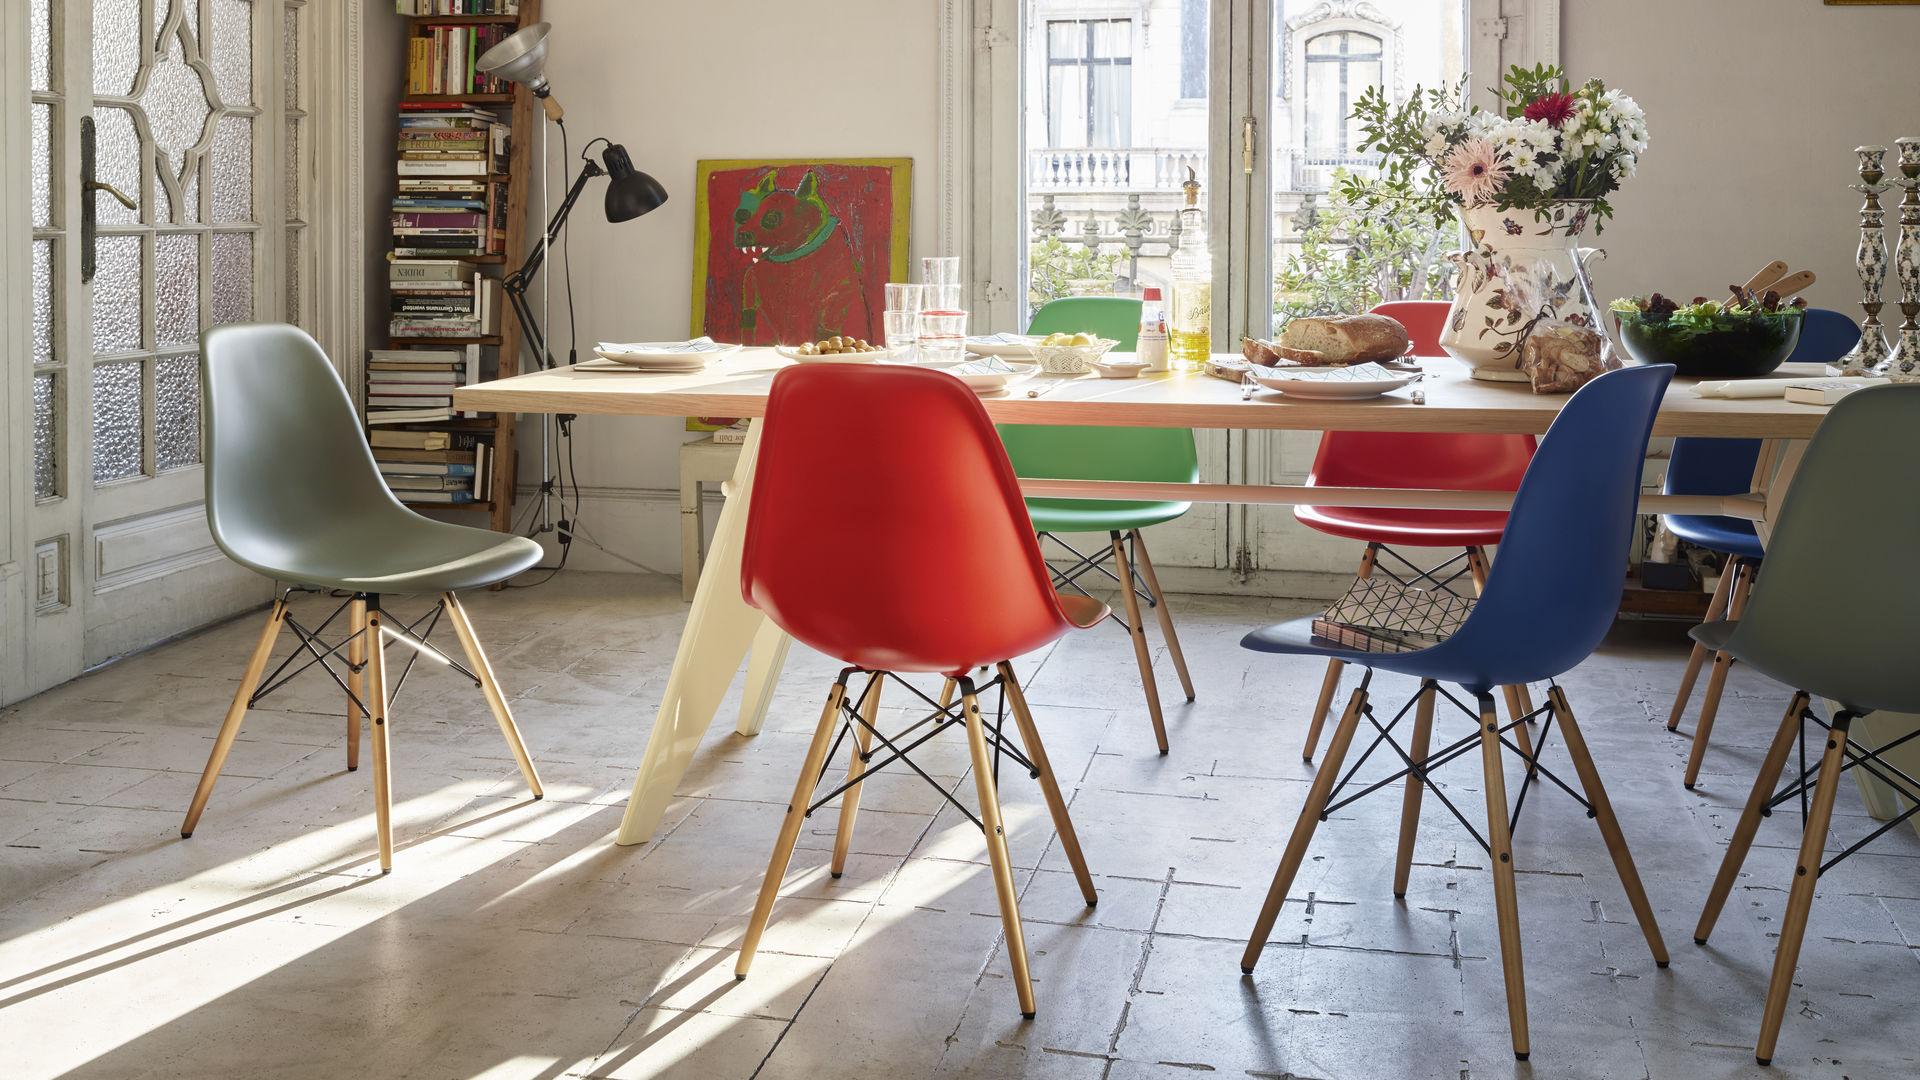 Vilt Kussen Eames : Vitra eames plastic side chair dsw